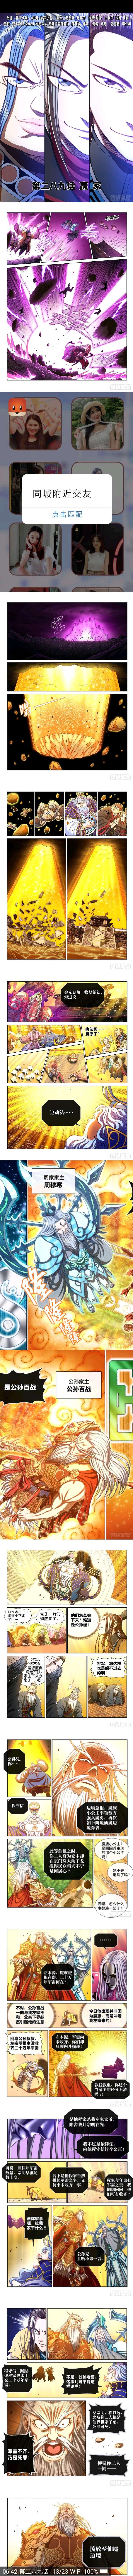 【漫画更新】我是大神仙  二八九话-小柚妹站